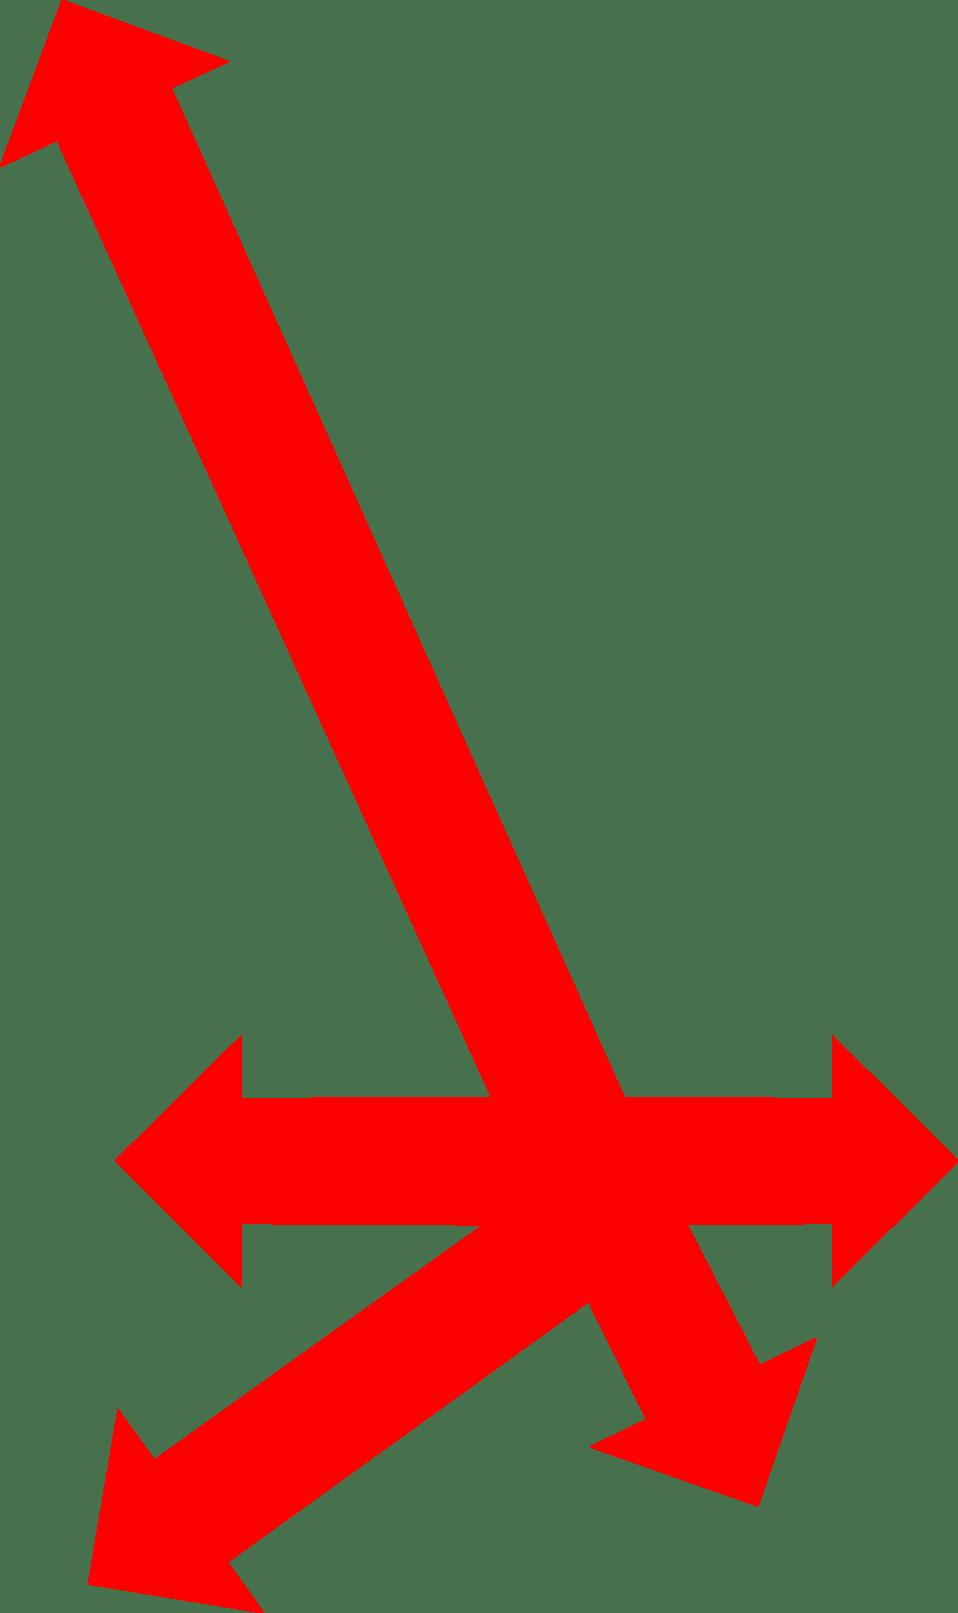 Girly Arrow : girly, arrow, Girly, Clipart, Arrow,, Picture, #1217778, Arrow